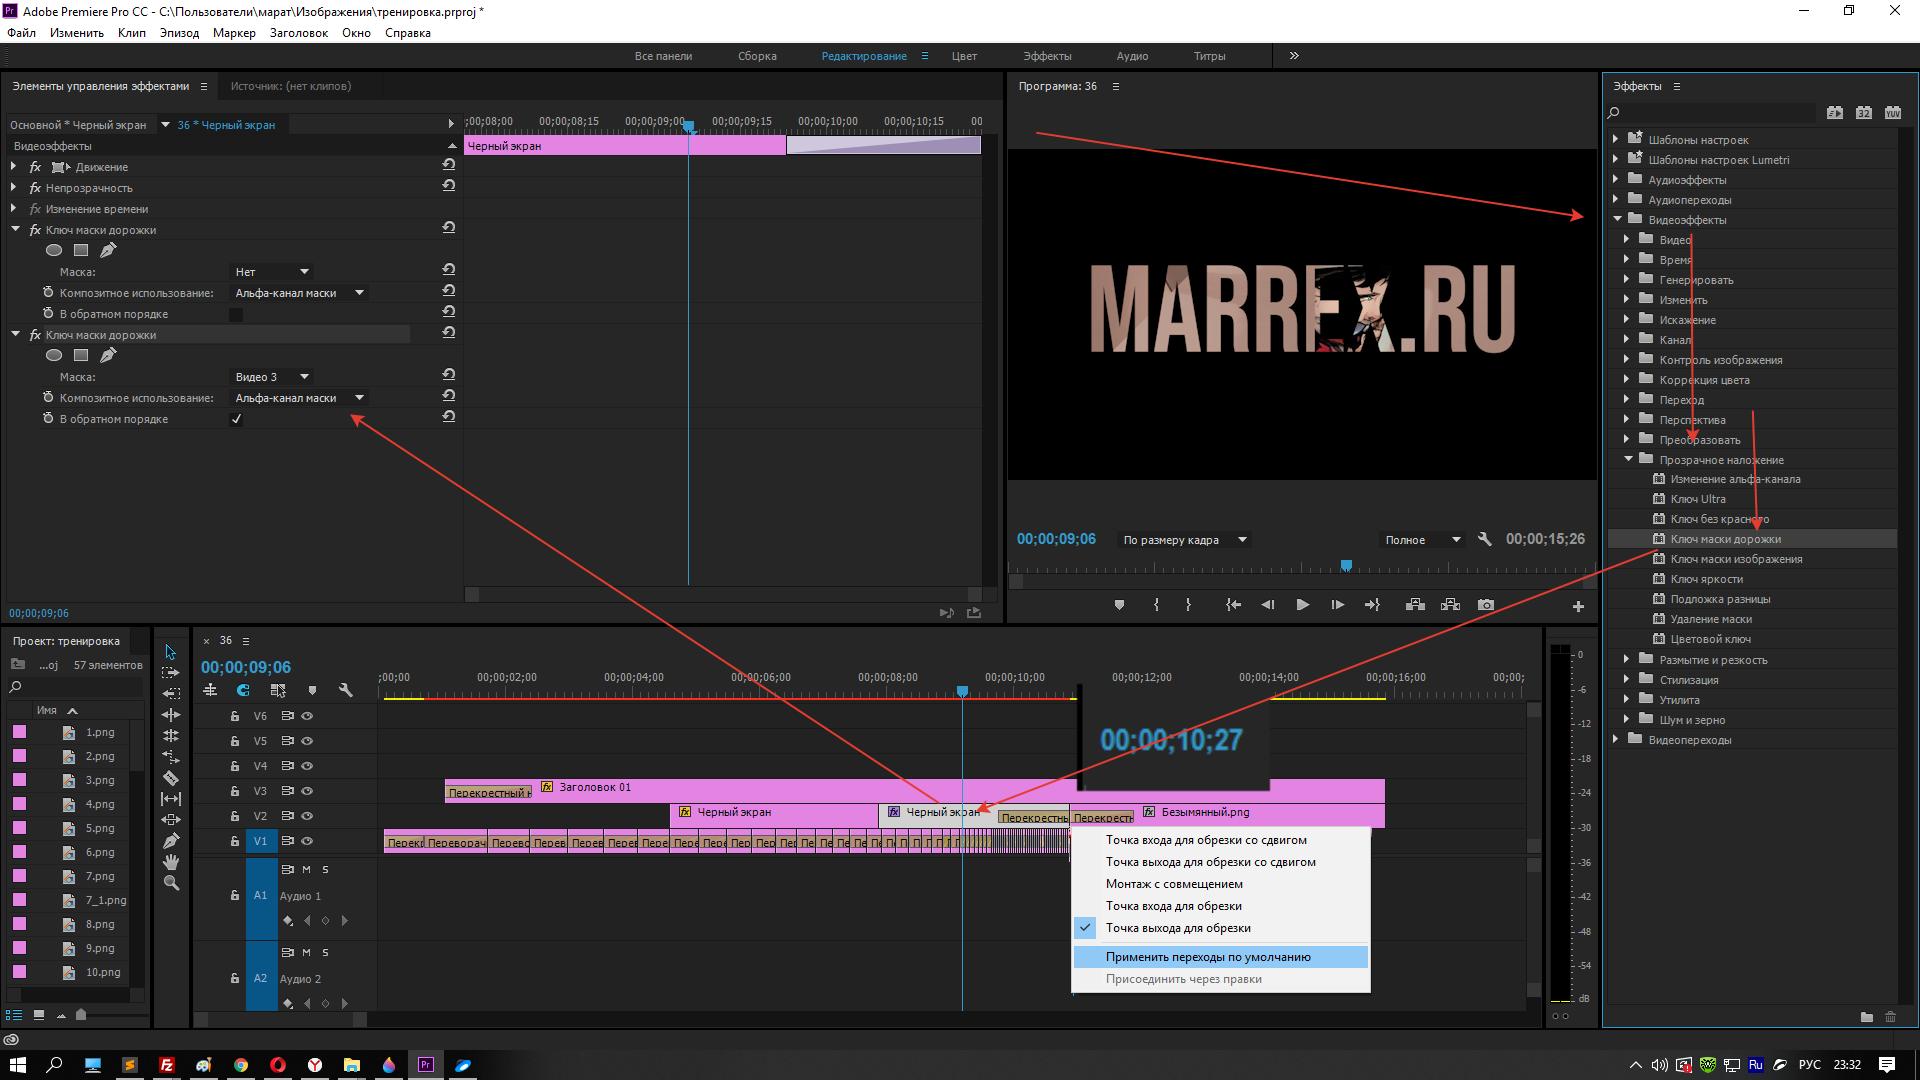 Вторая часть черного экрана для заставки Марвел